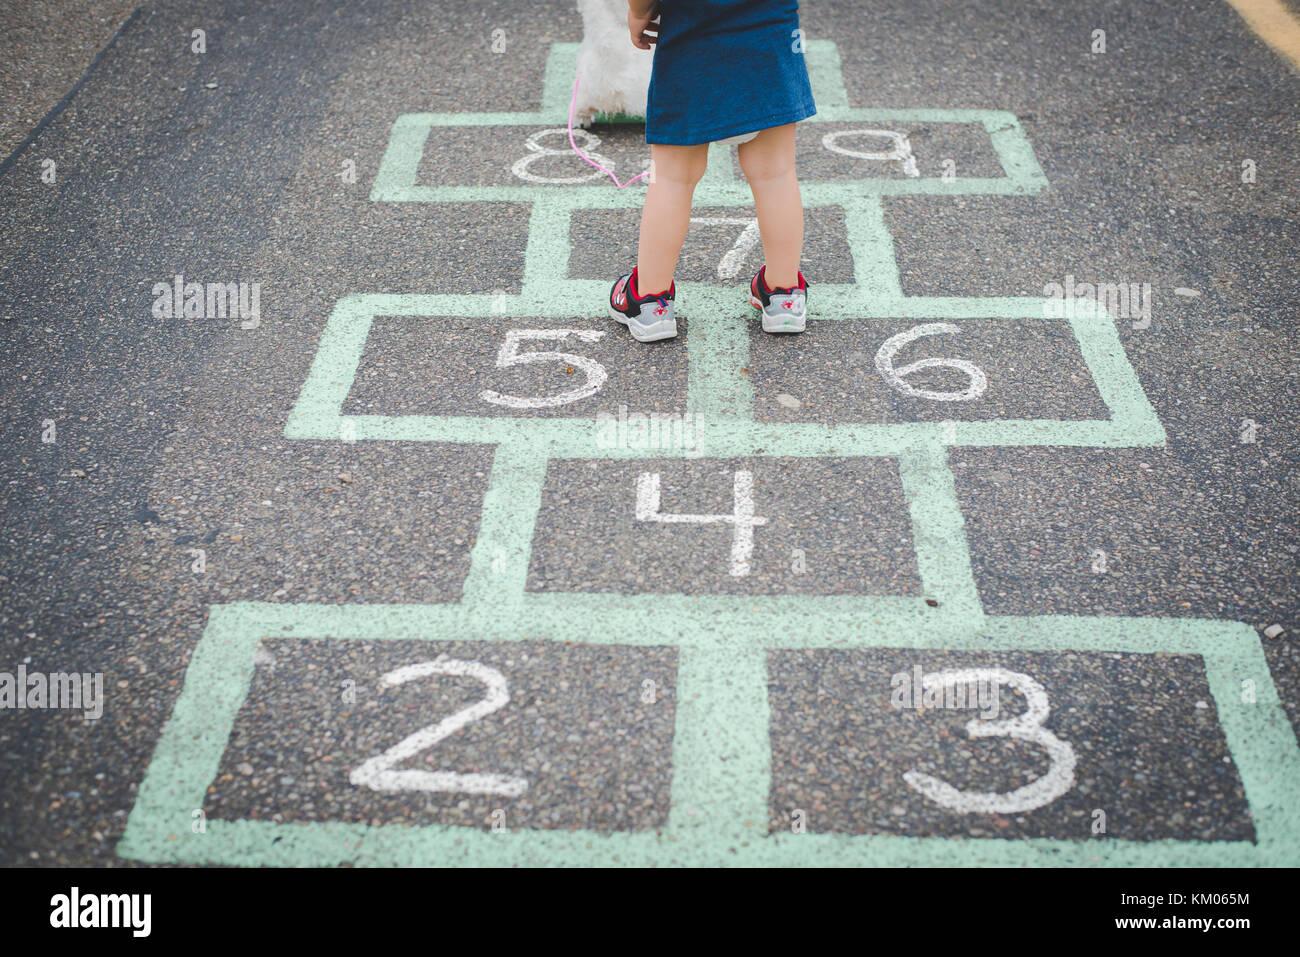 Un niño se encuentra en una rayuela, juego infantil, junta en un estacionamiento. Imagen De Stock